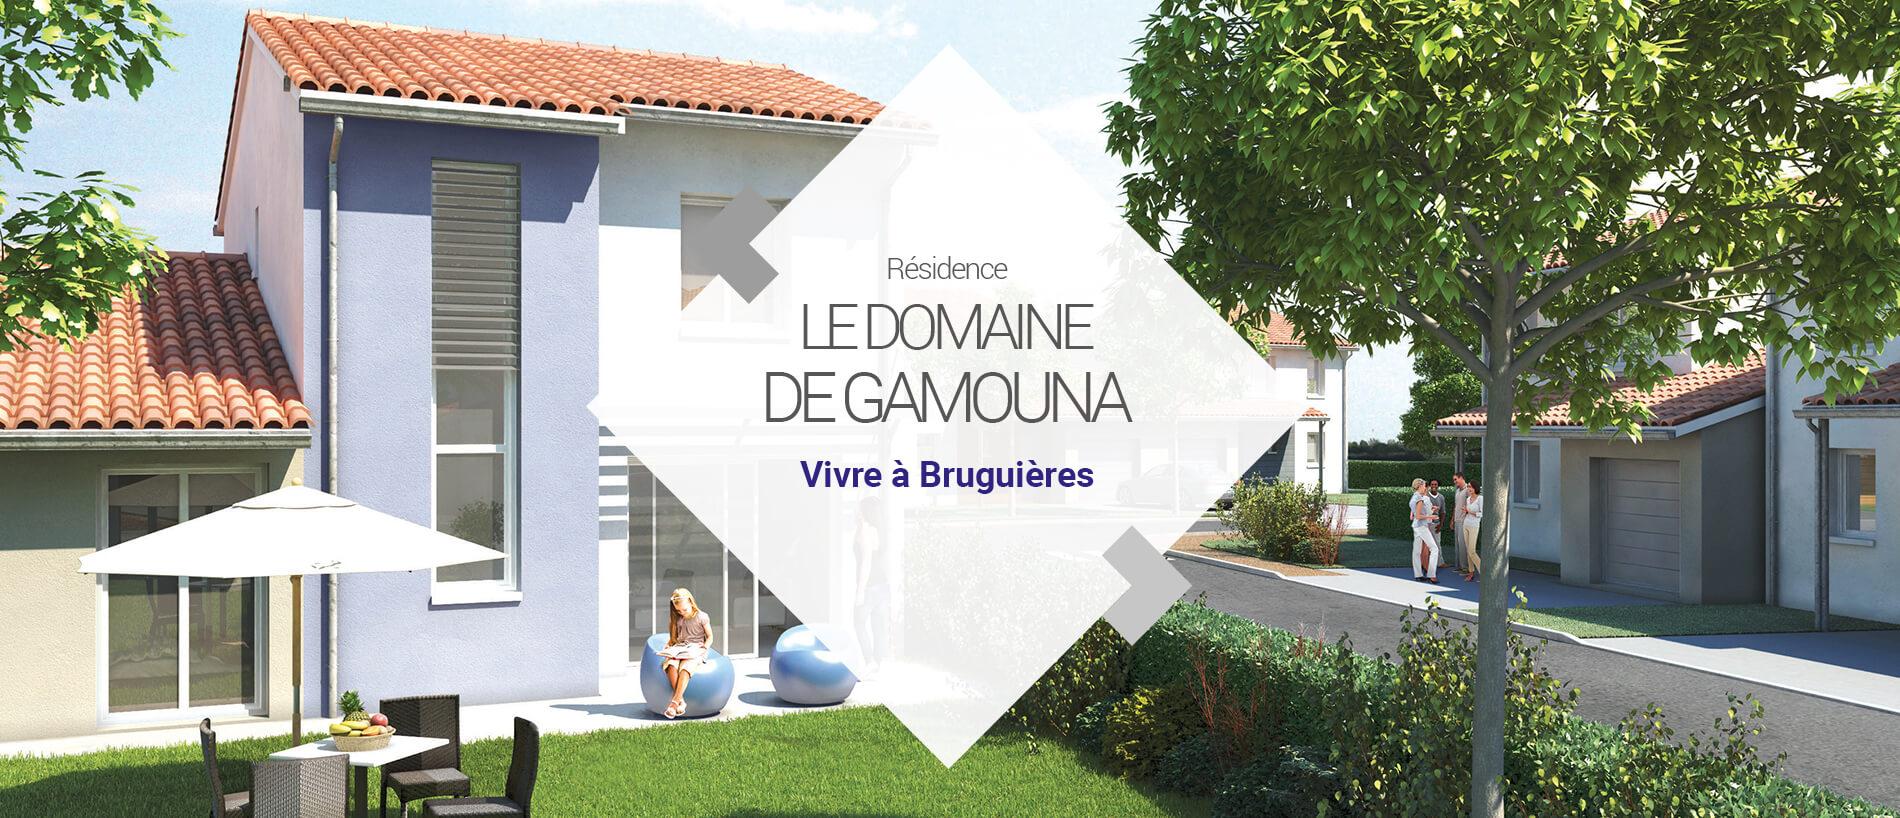 BG Promotion - Slide Vidéo 3D - Le Domaine de Gamouna